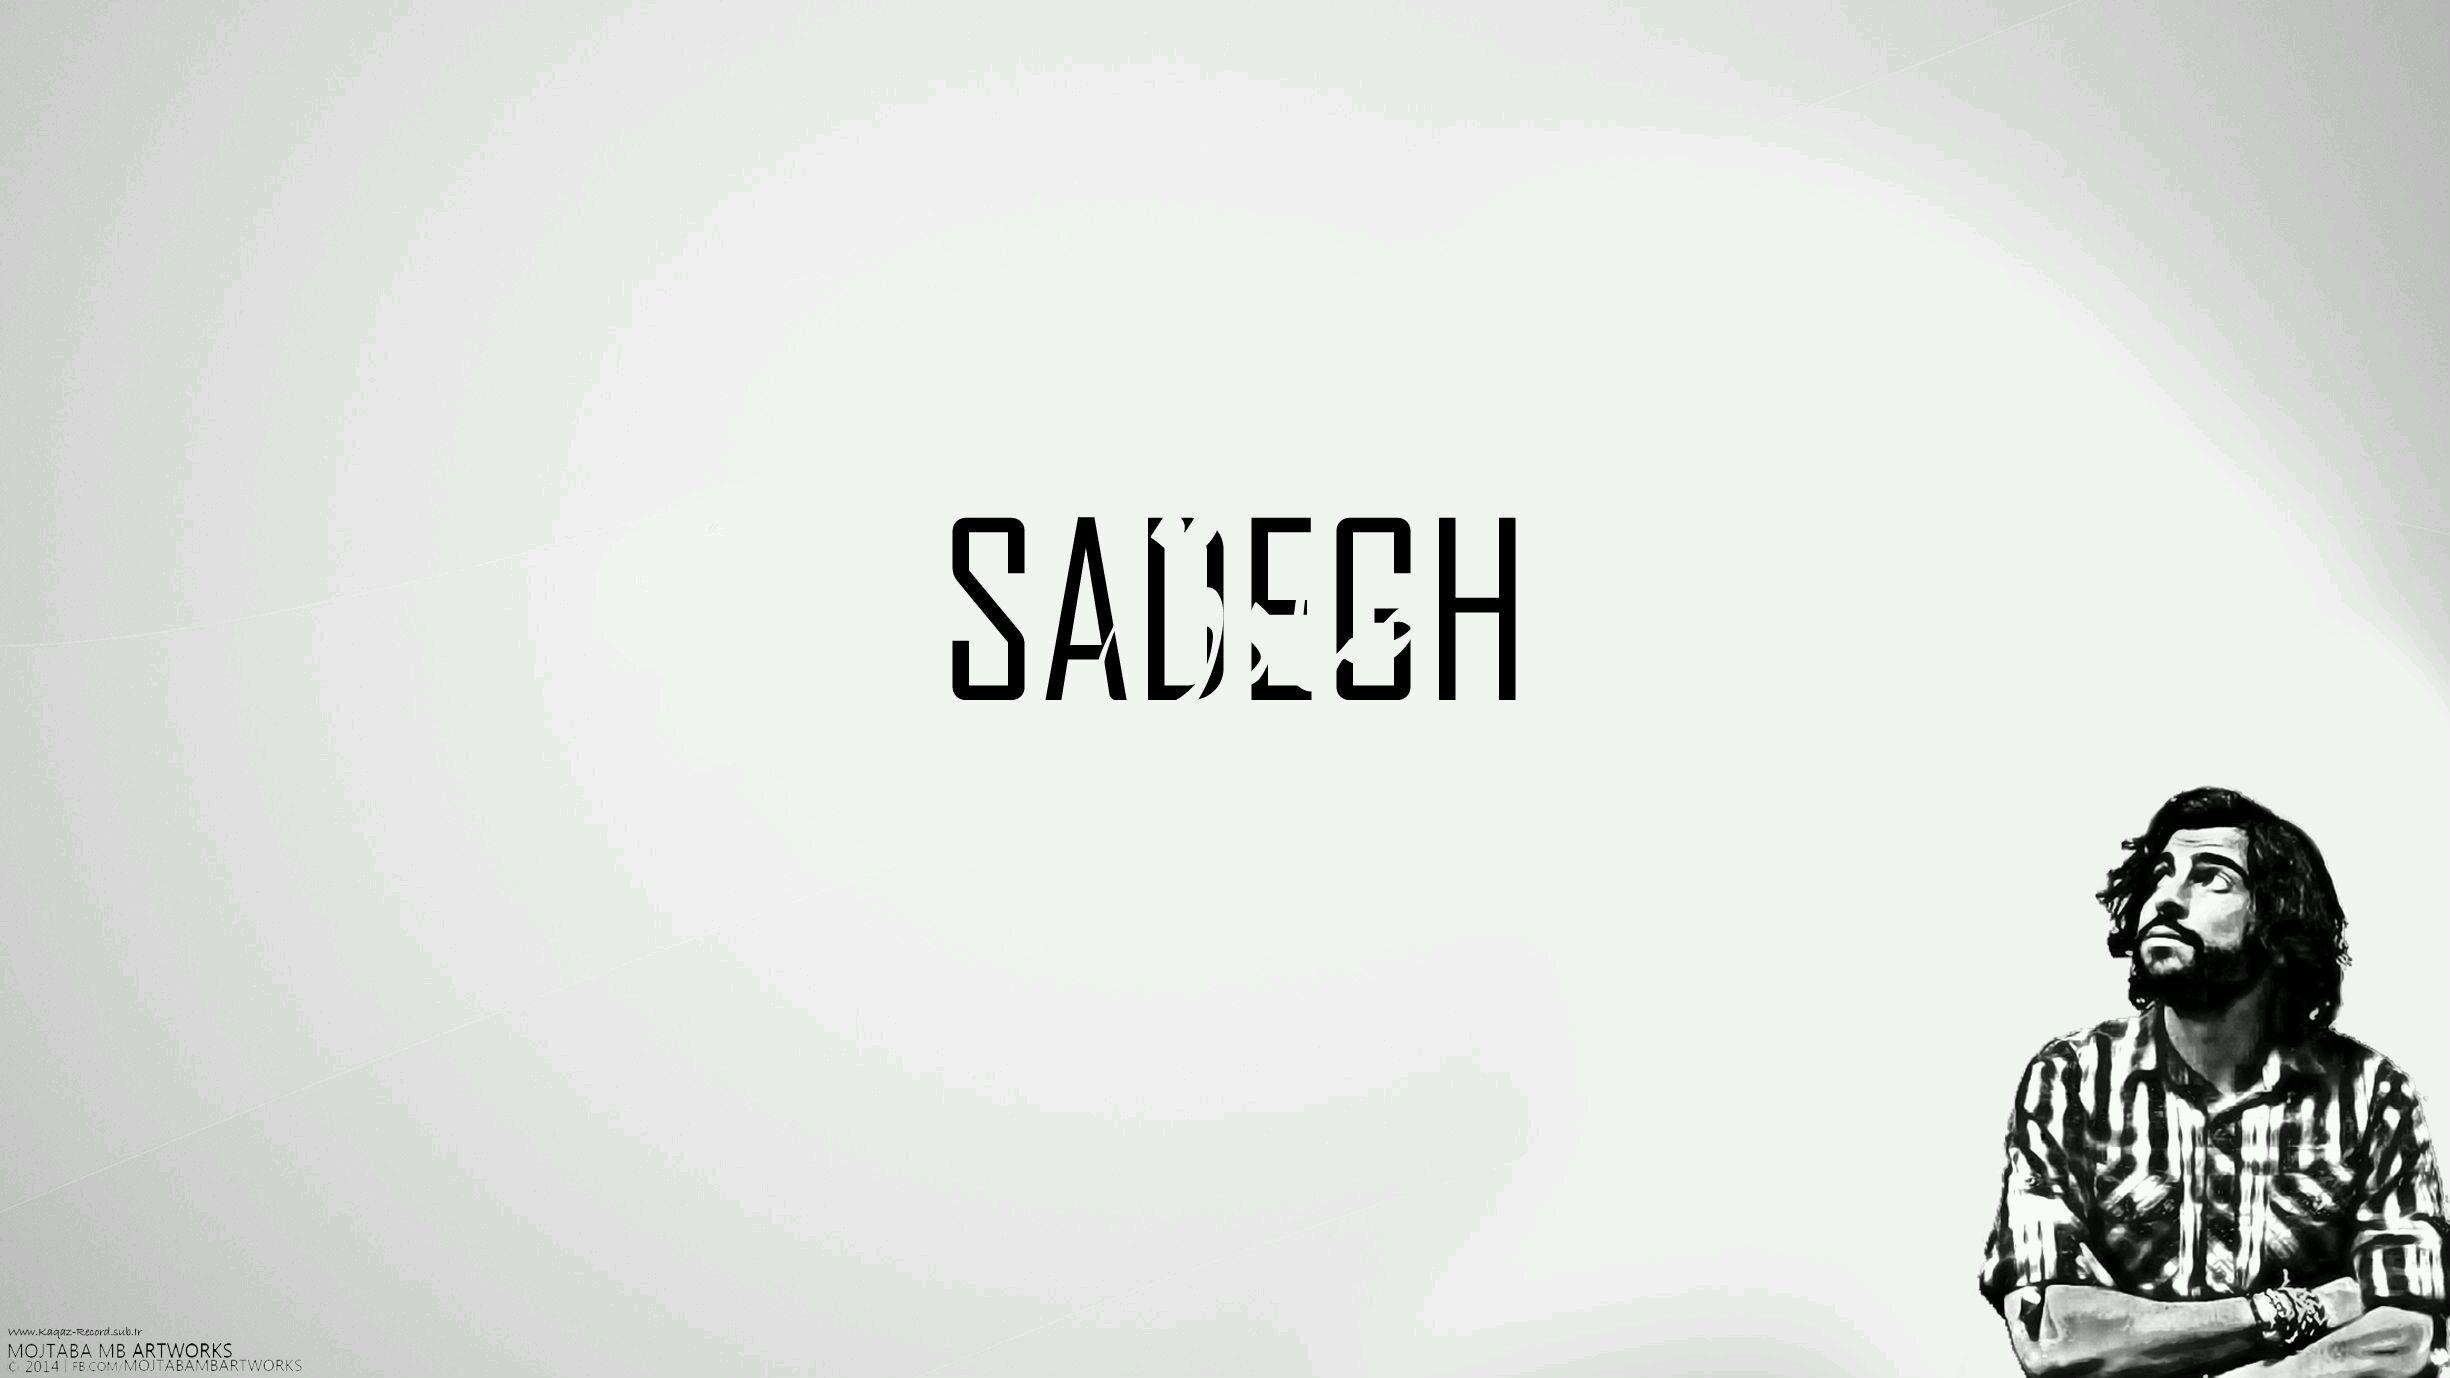 SadeGh Wallpaper 2